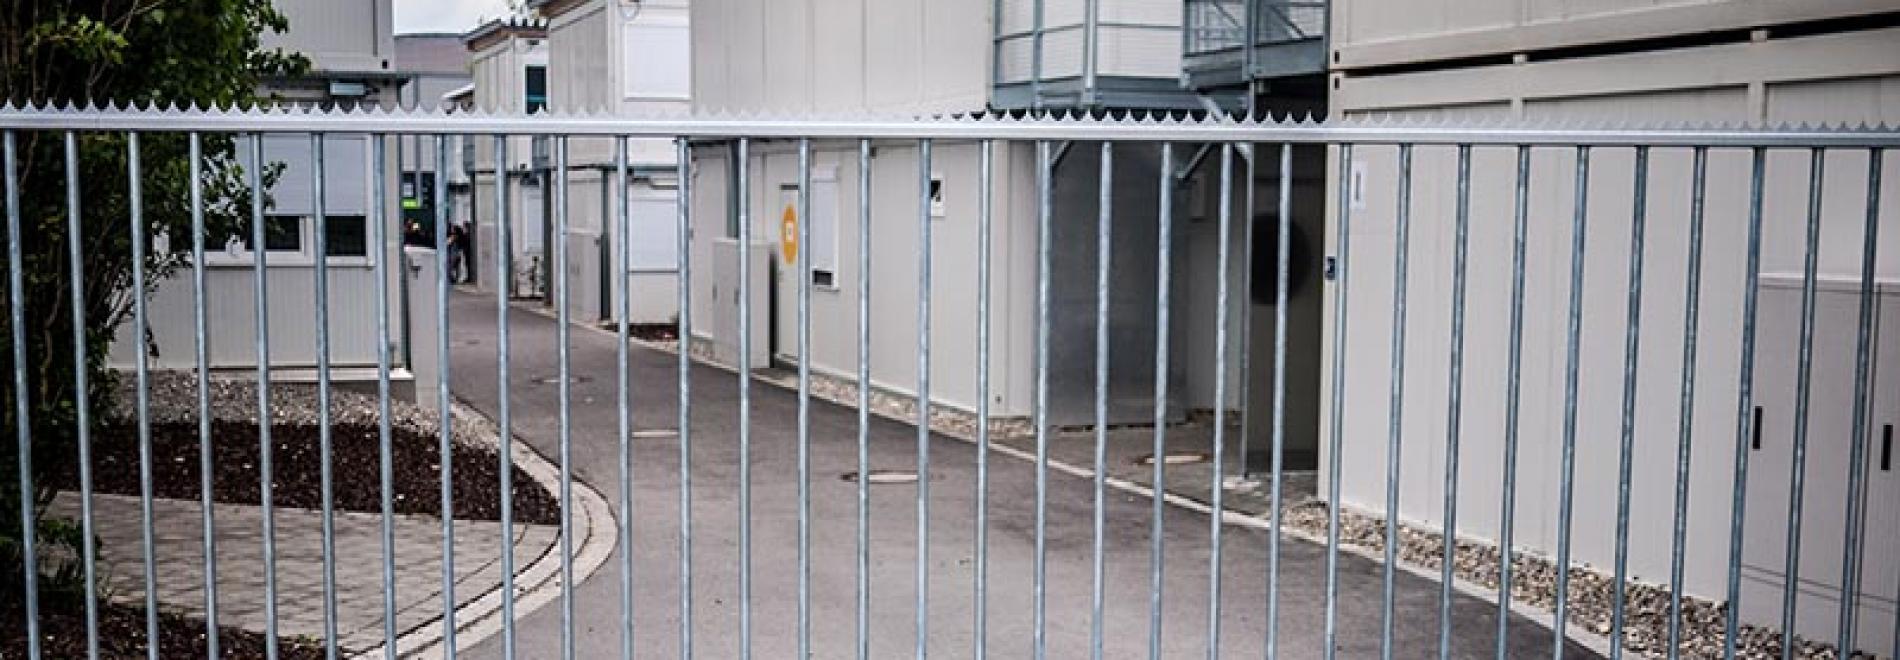 Die Lebensbedingungen in Ankereinrichtungen schaden den Menschen. Foto: Bayerischer Flüchtlingsrat